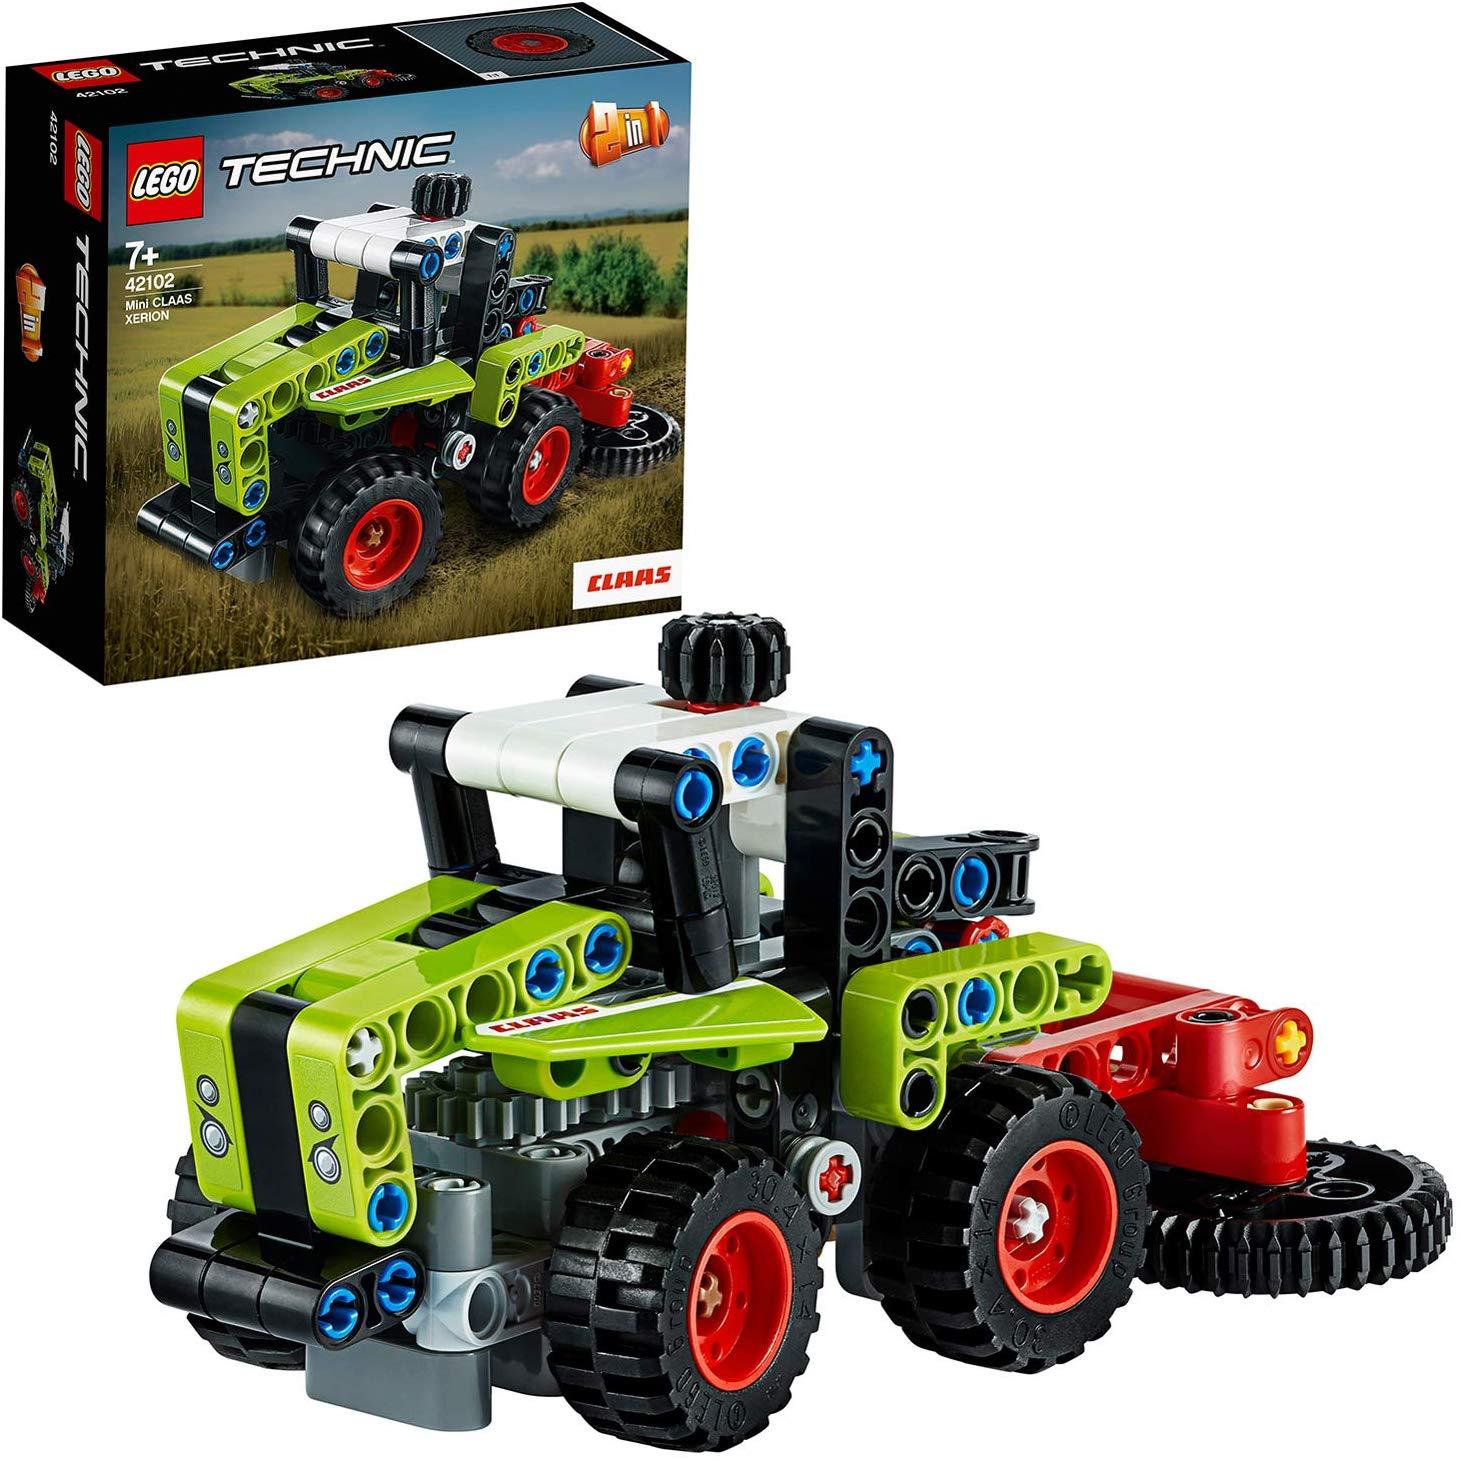 Không Thể Bỏ Qua Giá Hot với LEGO TECHNIC Máy Kéo CLAAS XERION Mini 42102